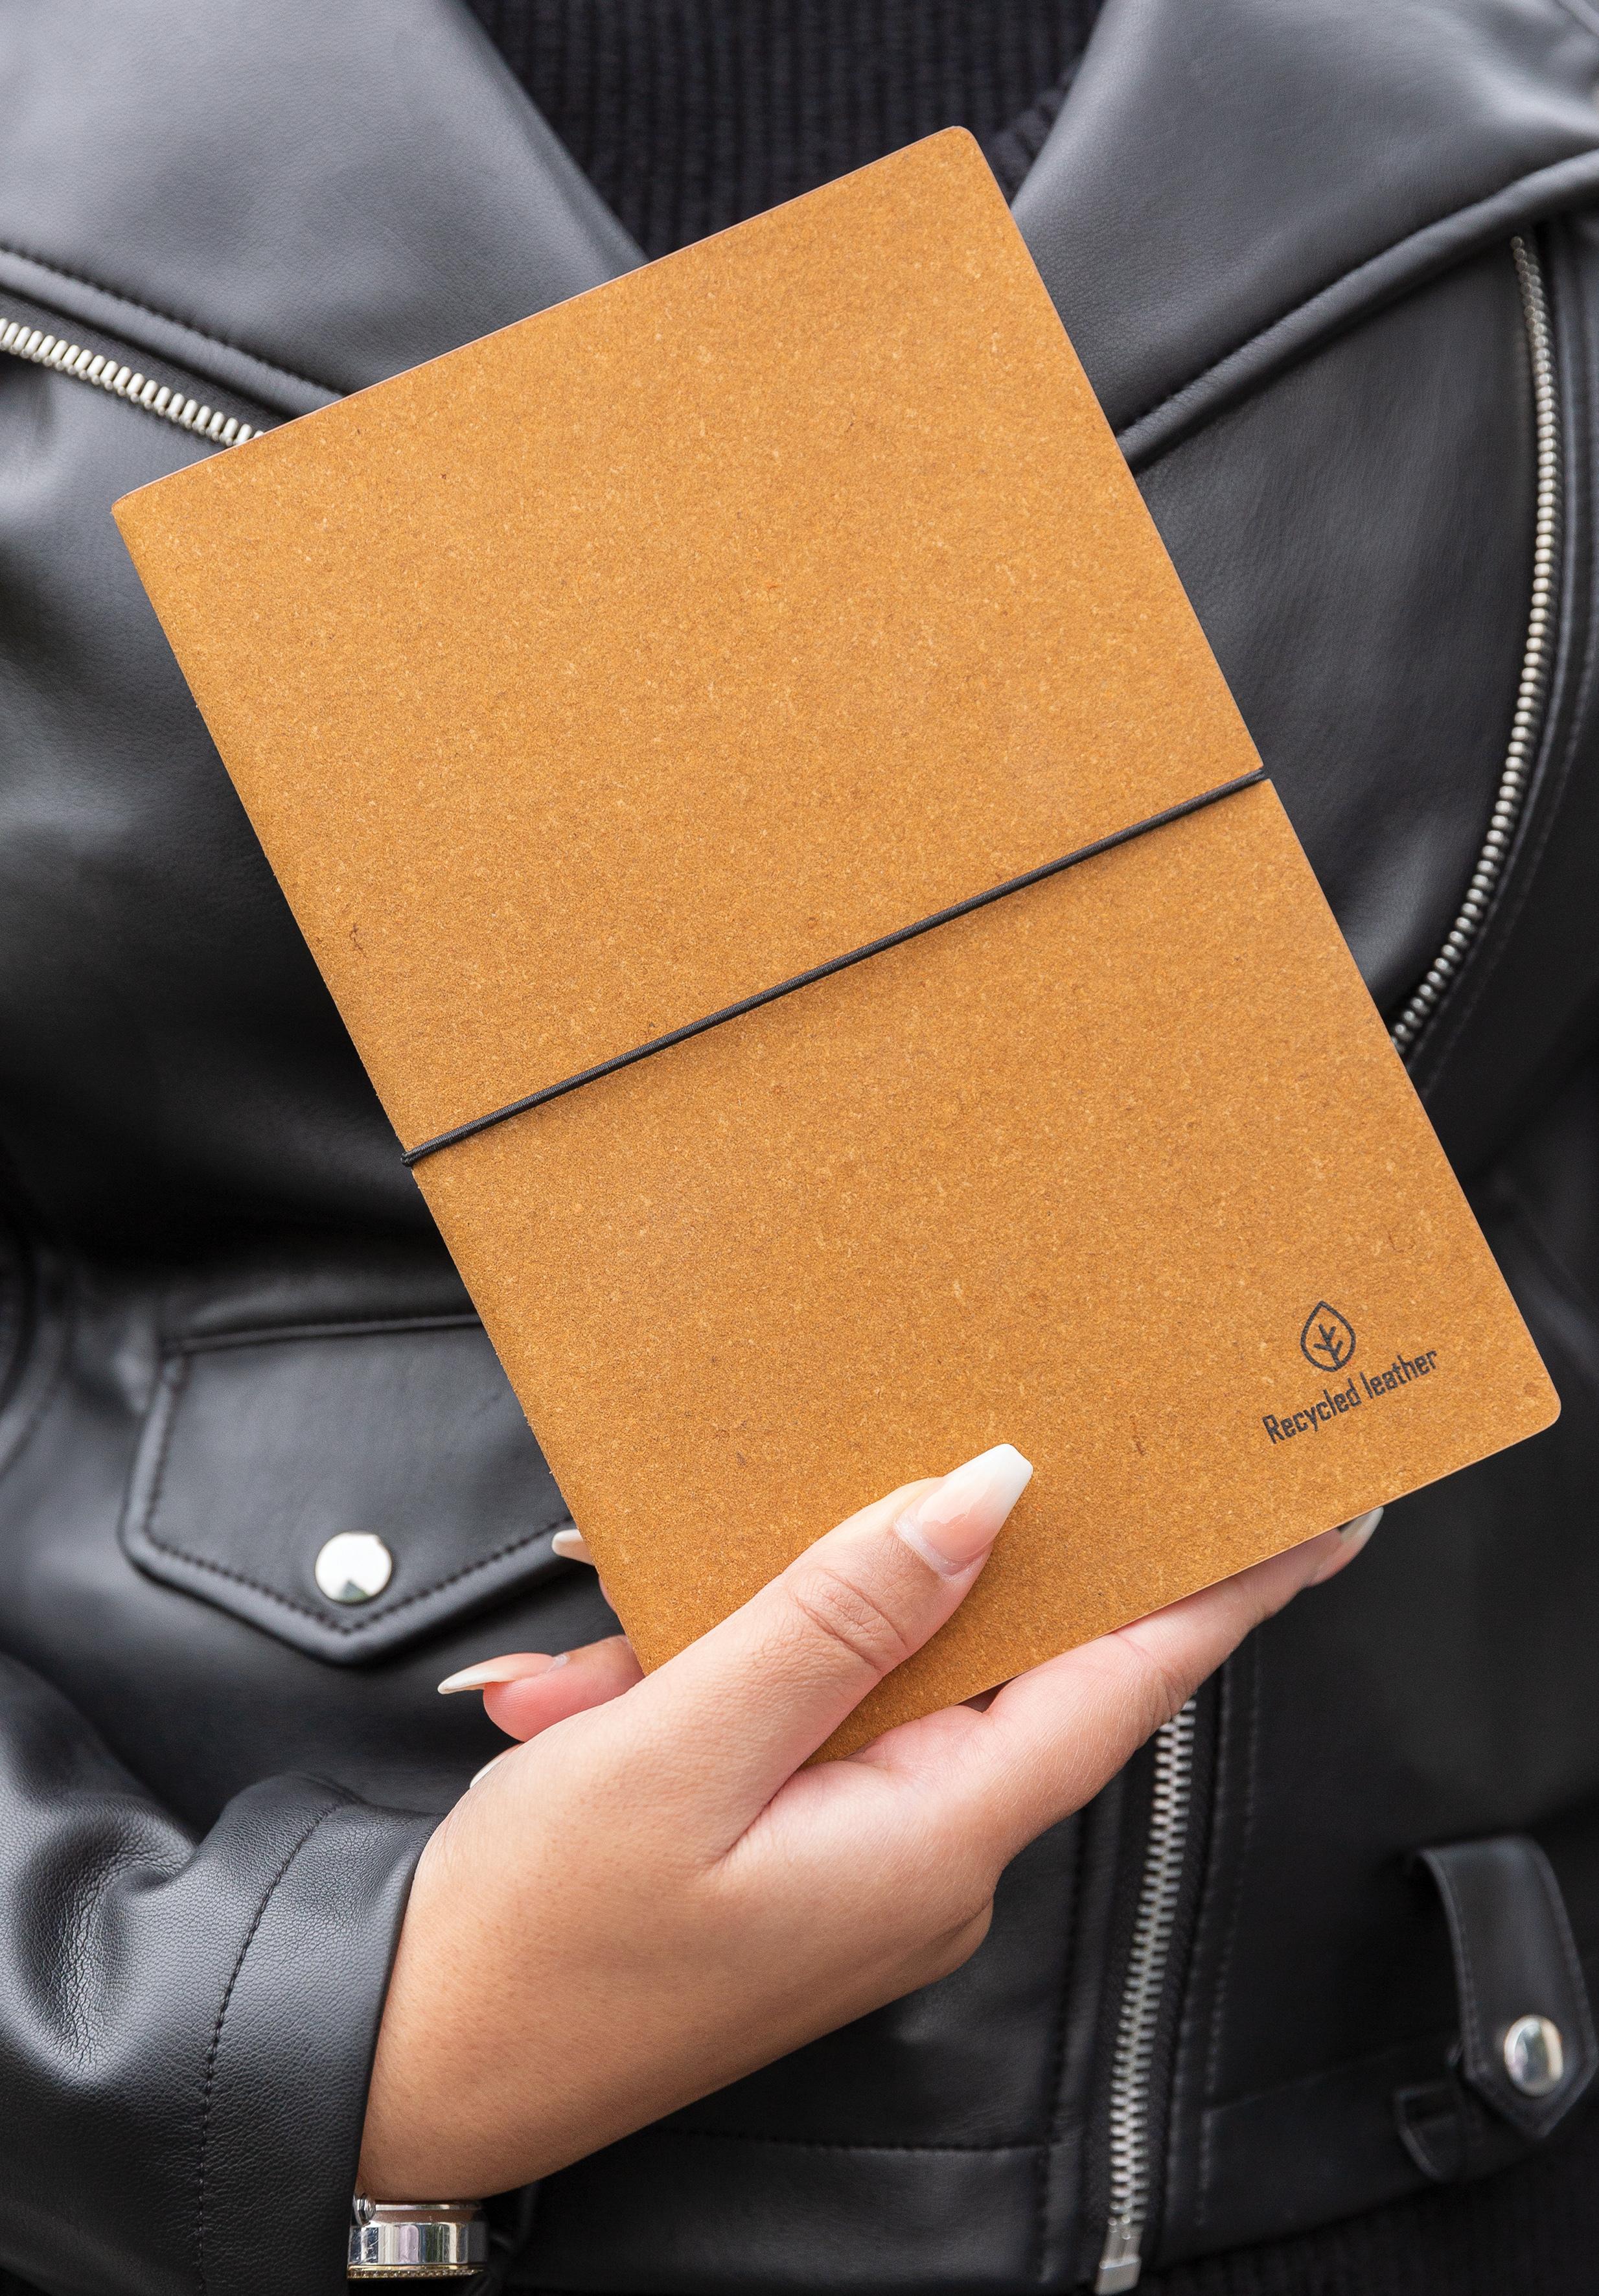 Carnet de notes A5 en cuir recyclé